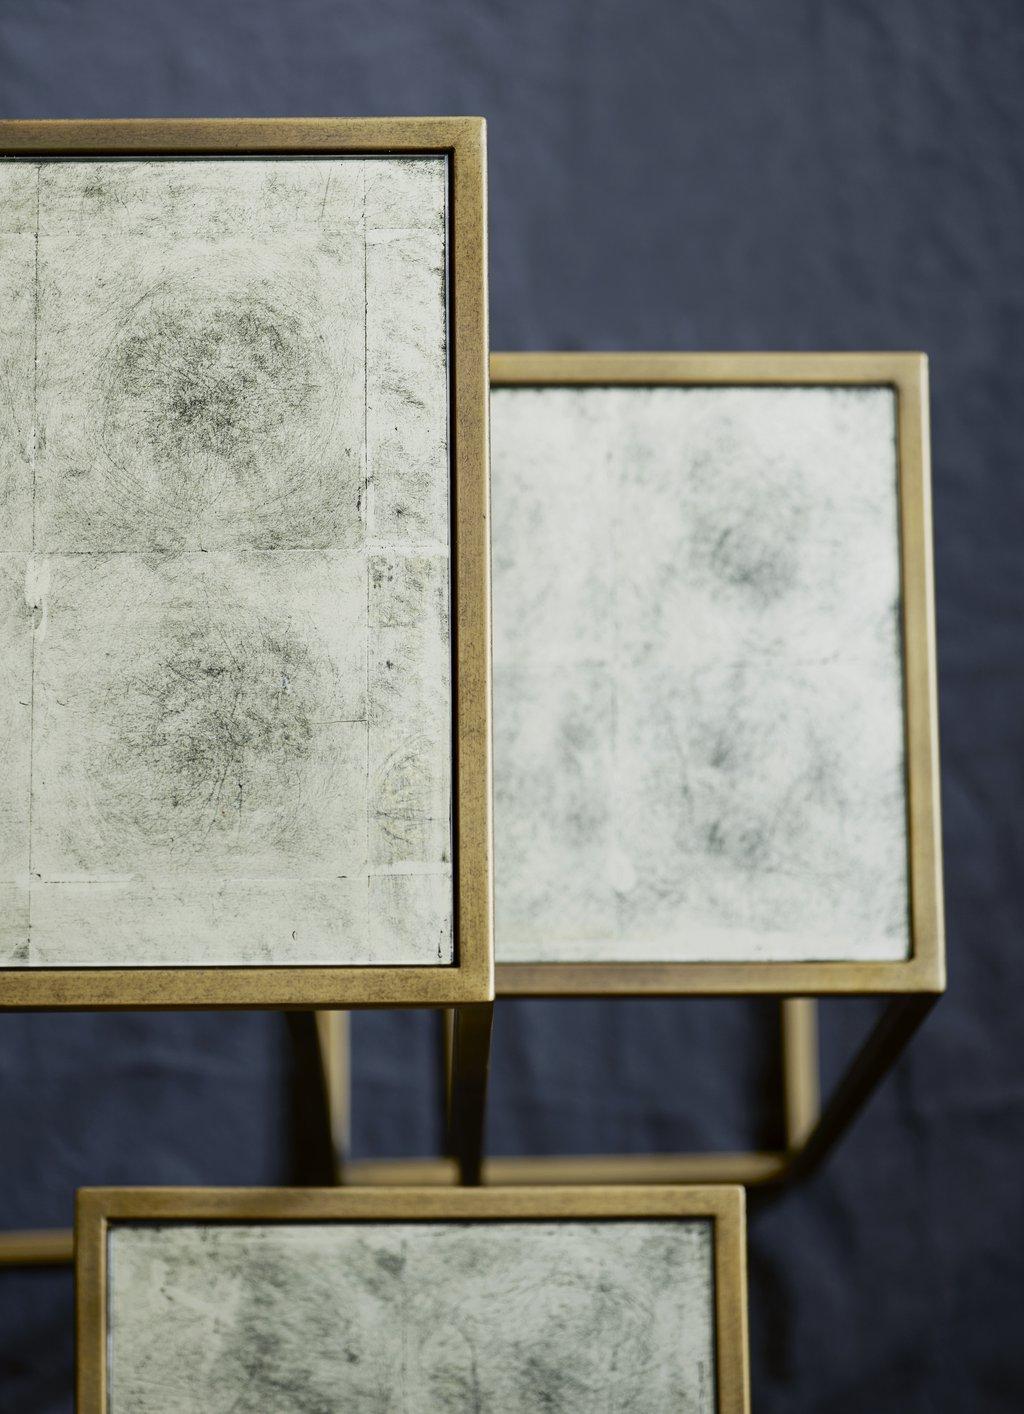 Bloemtafels met spiegeloppervlak.jpg